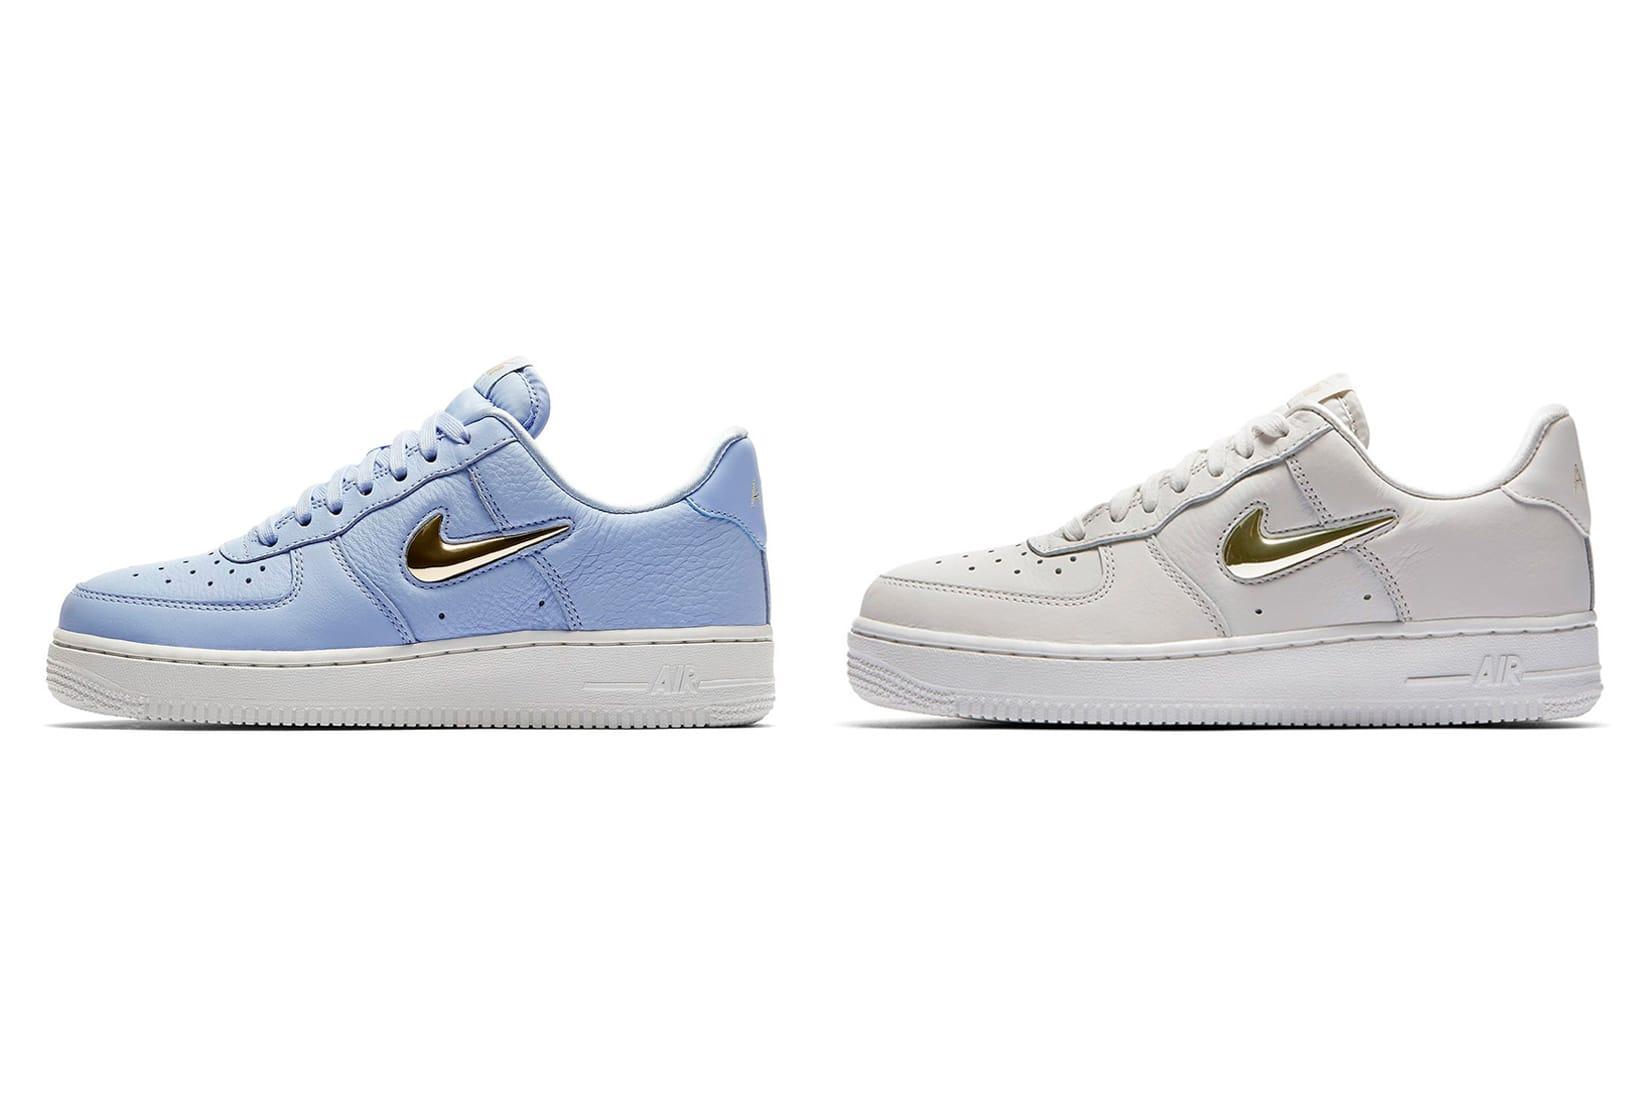 Nike AF1 Jewel Pack